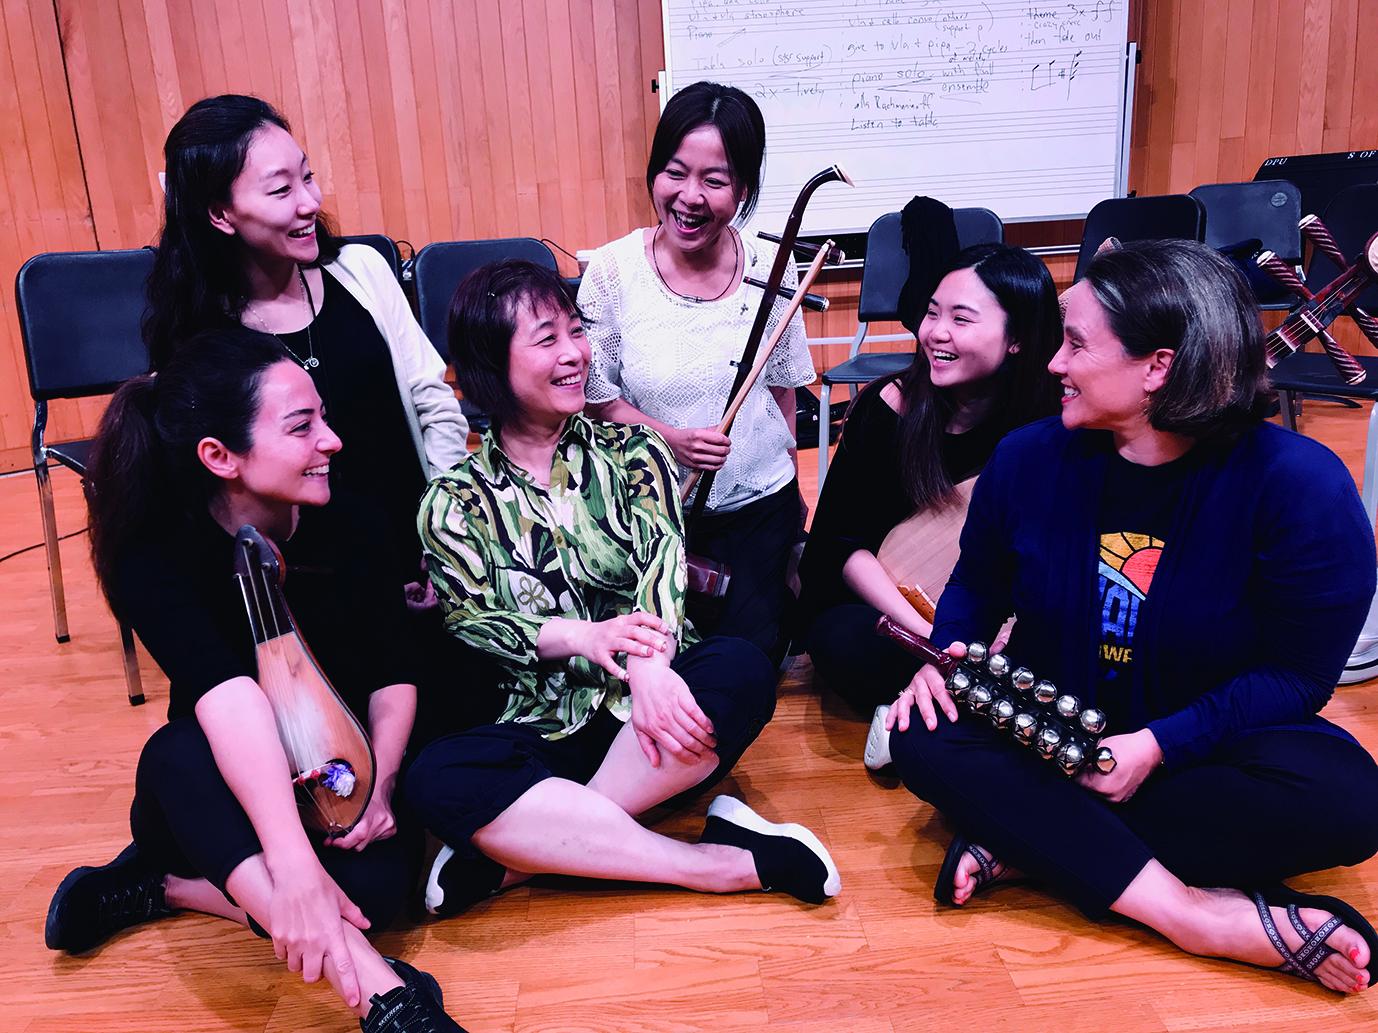 圖3敞開心胸用音樂交流,彼此學習,琵琶演奏家吳蠻(左三)、筆者(左四) 與夥伴們合影。.jpg